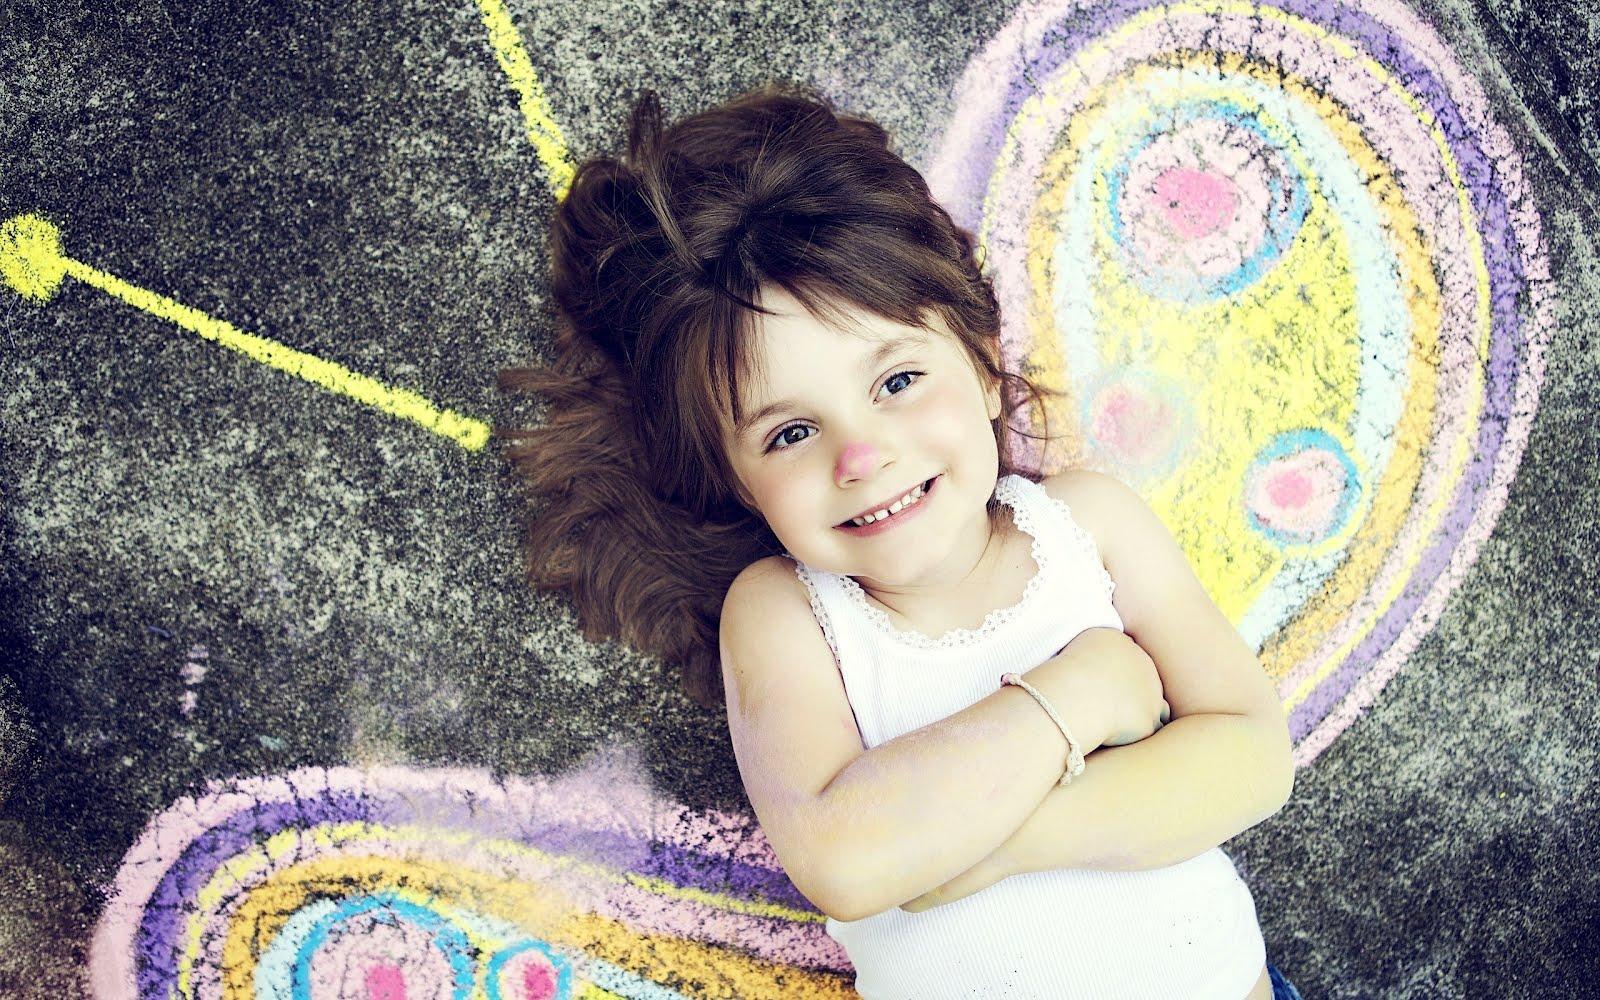 Усмихнато момиченце с нарисувани крила от пеперуда, HD Wallpaper